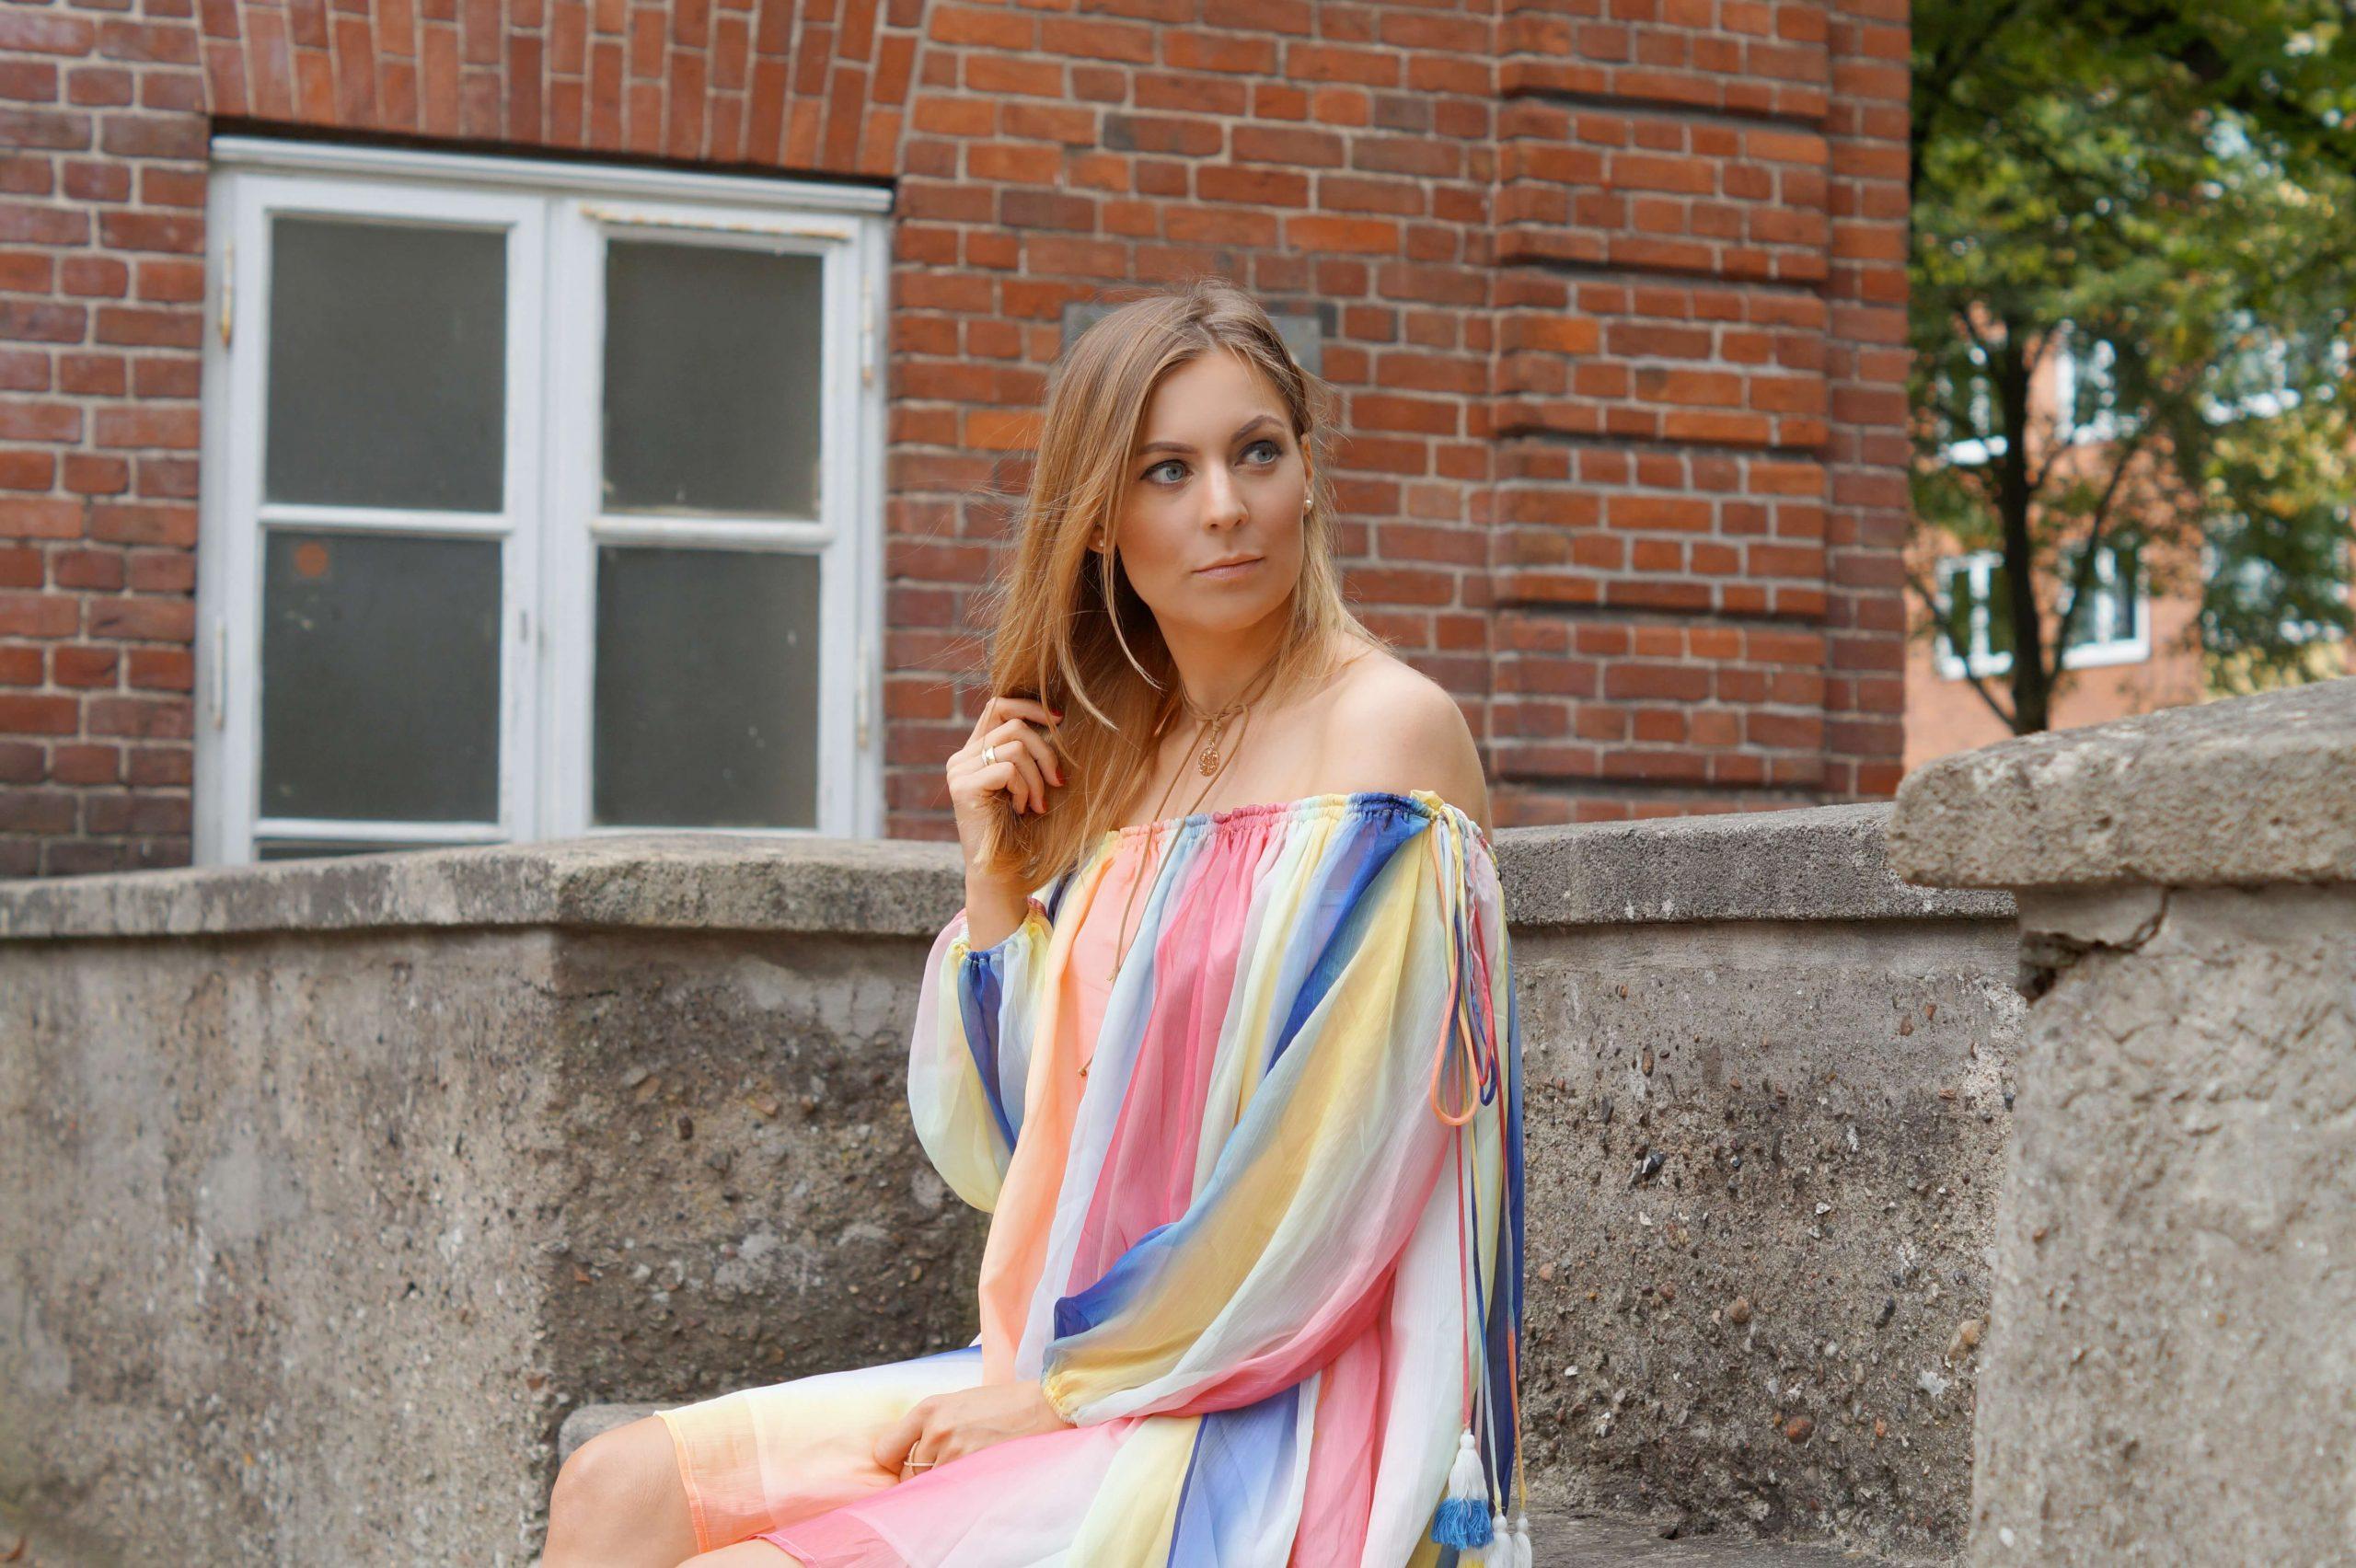 Ein Letzter Sommerlook  Das Regenbogenkleid  Tantedine